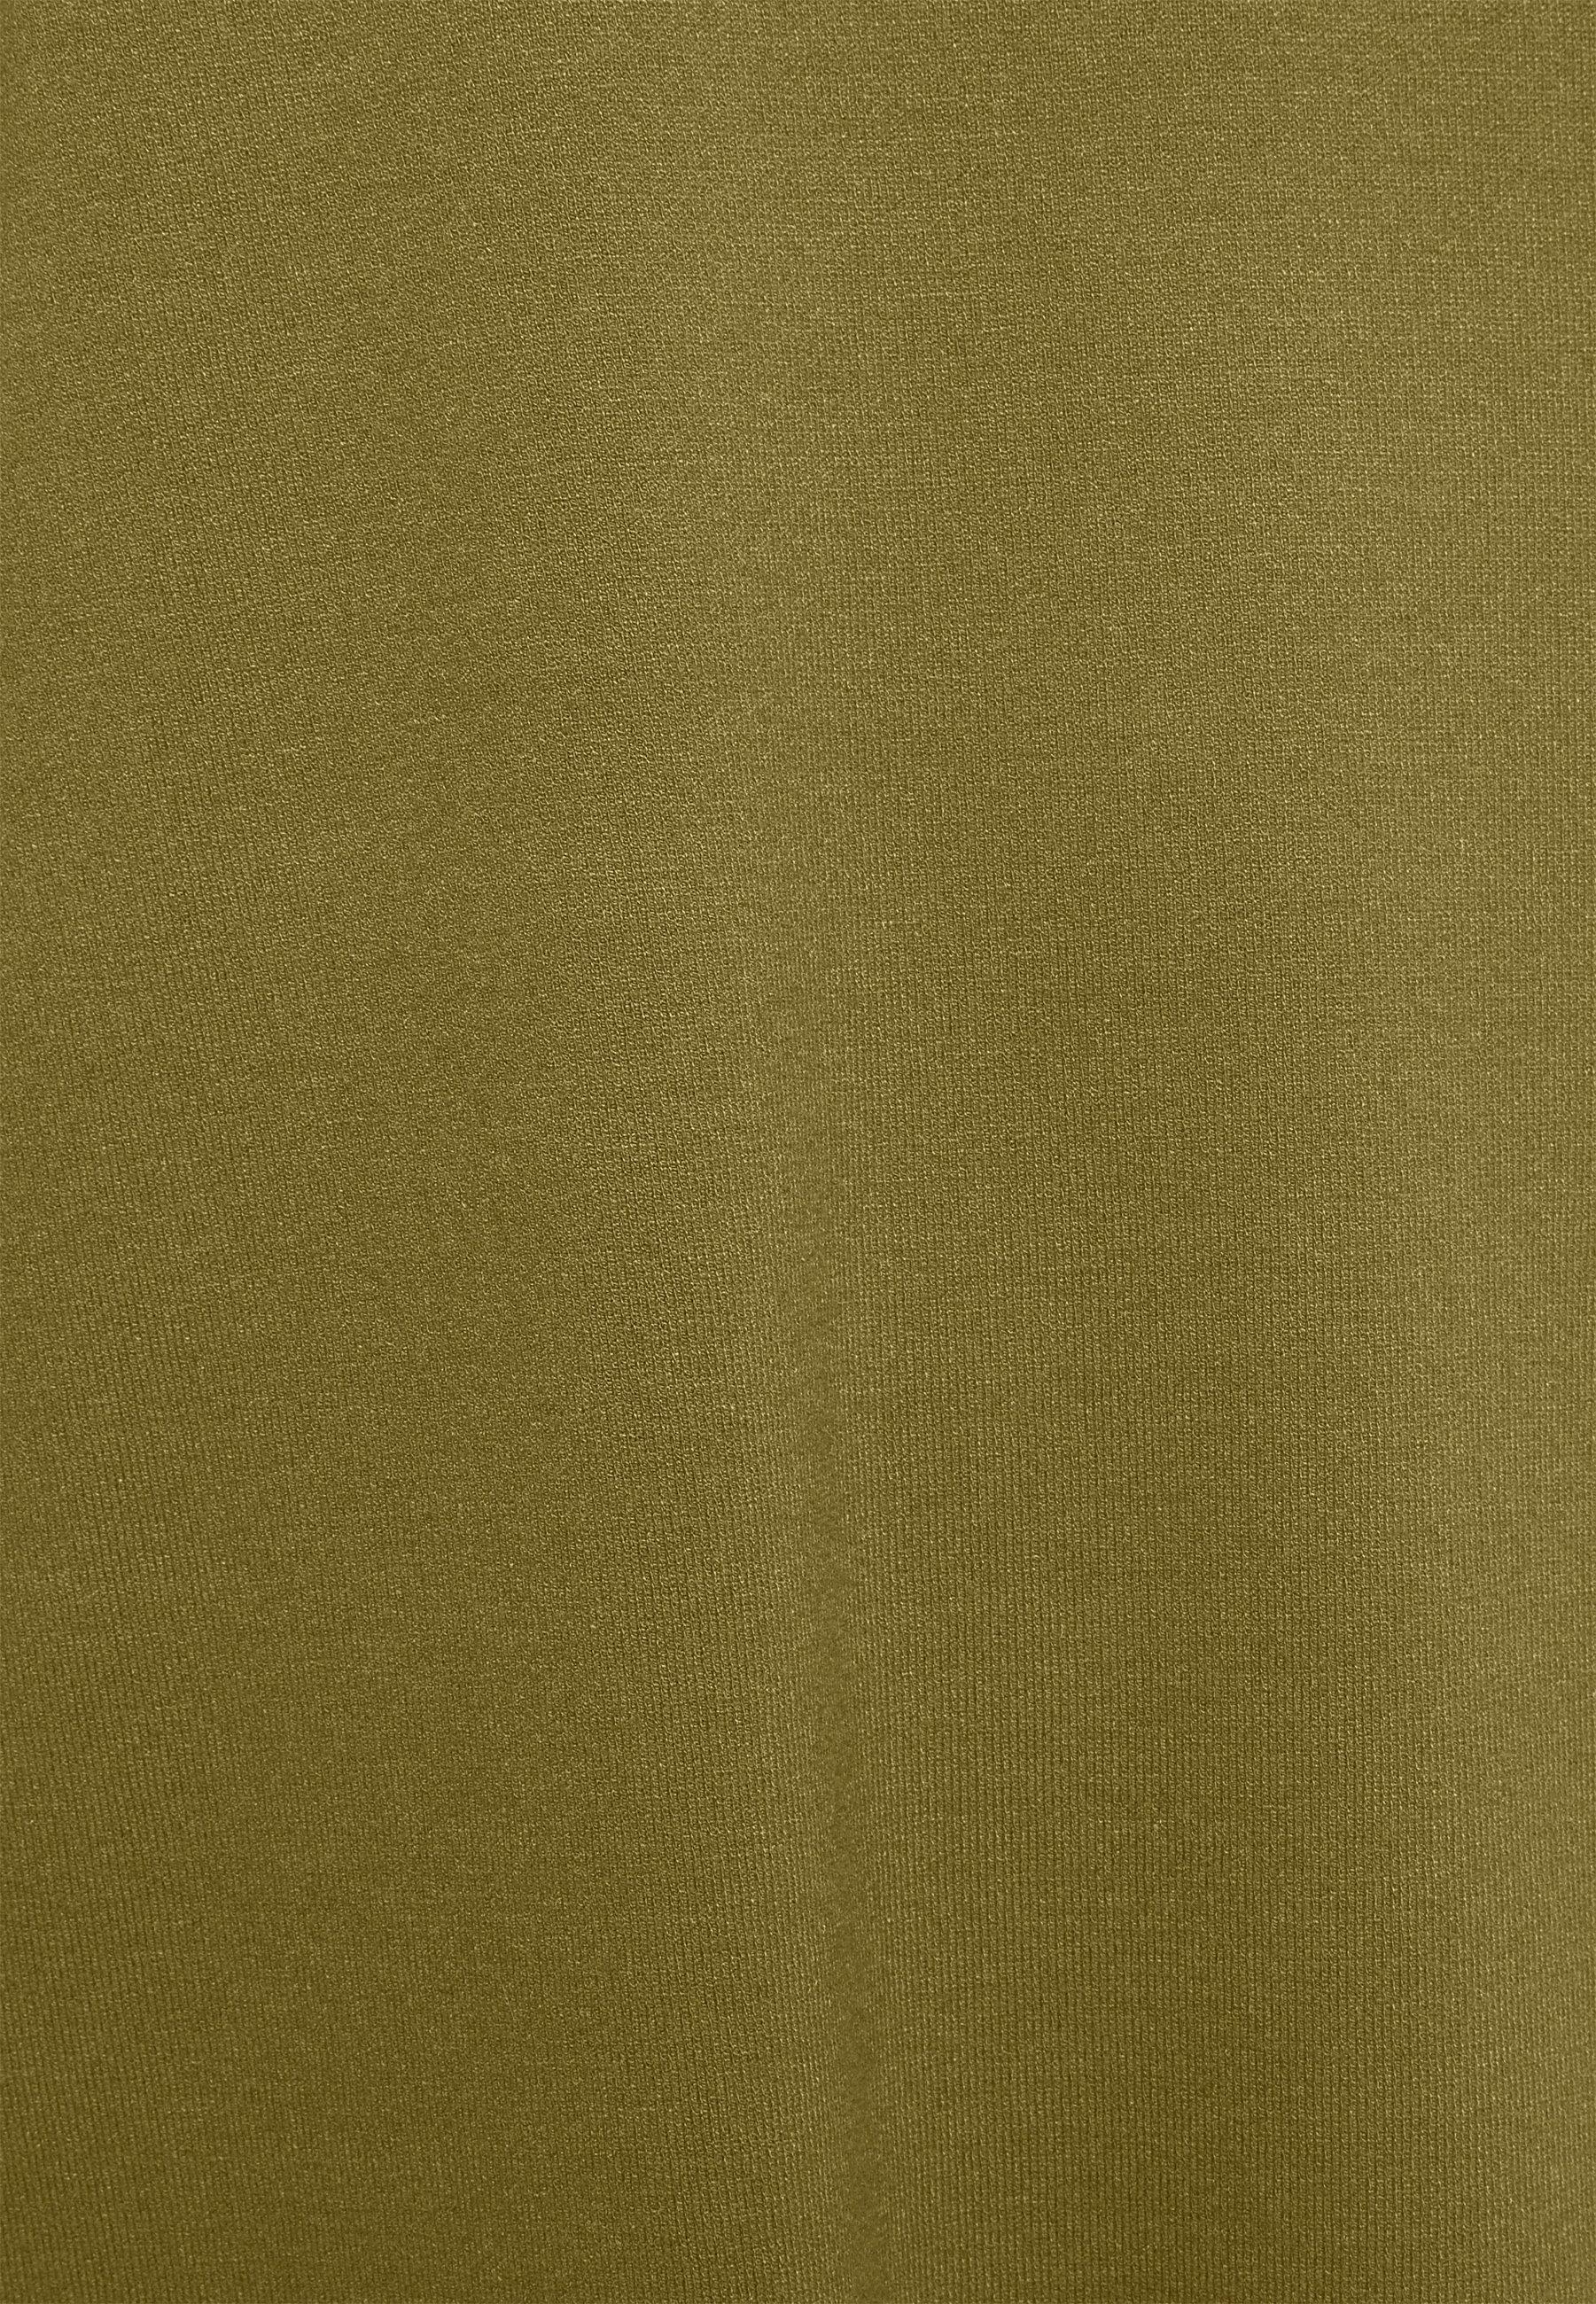 Marc O'Polo DRESS TURTLE NECK Strickkleid olive green/dunkelgrün